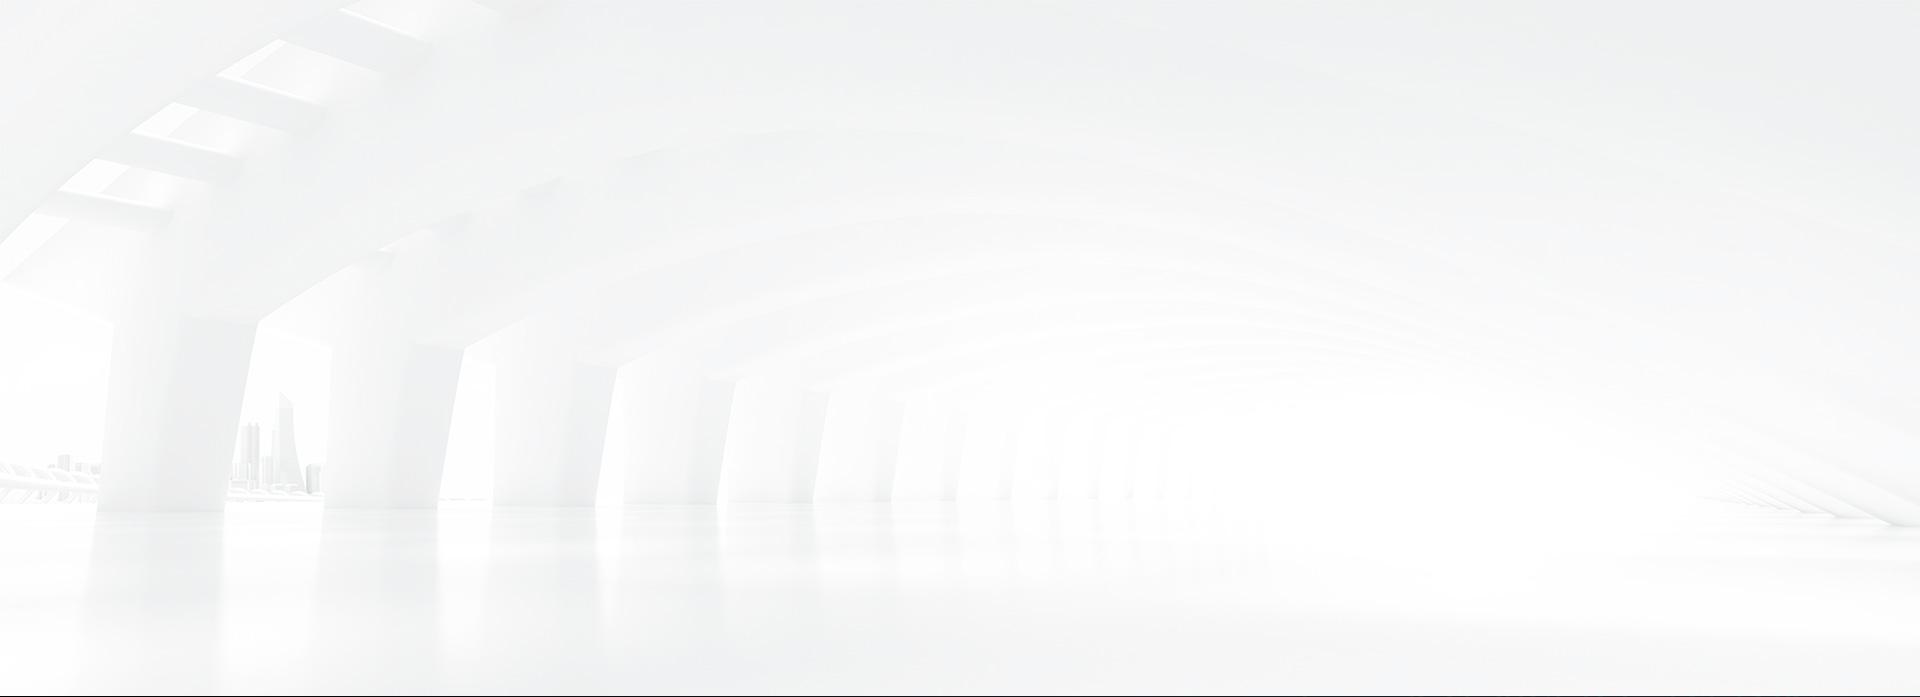 乐博体育CAD Linux